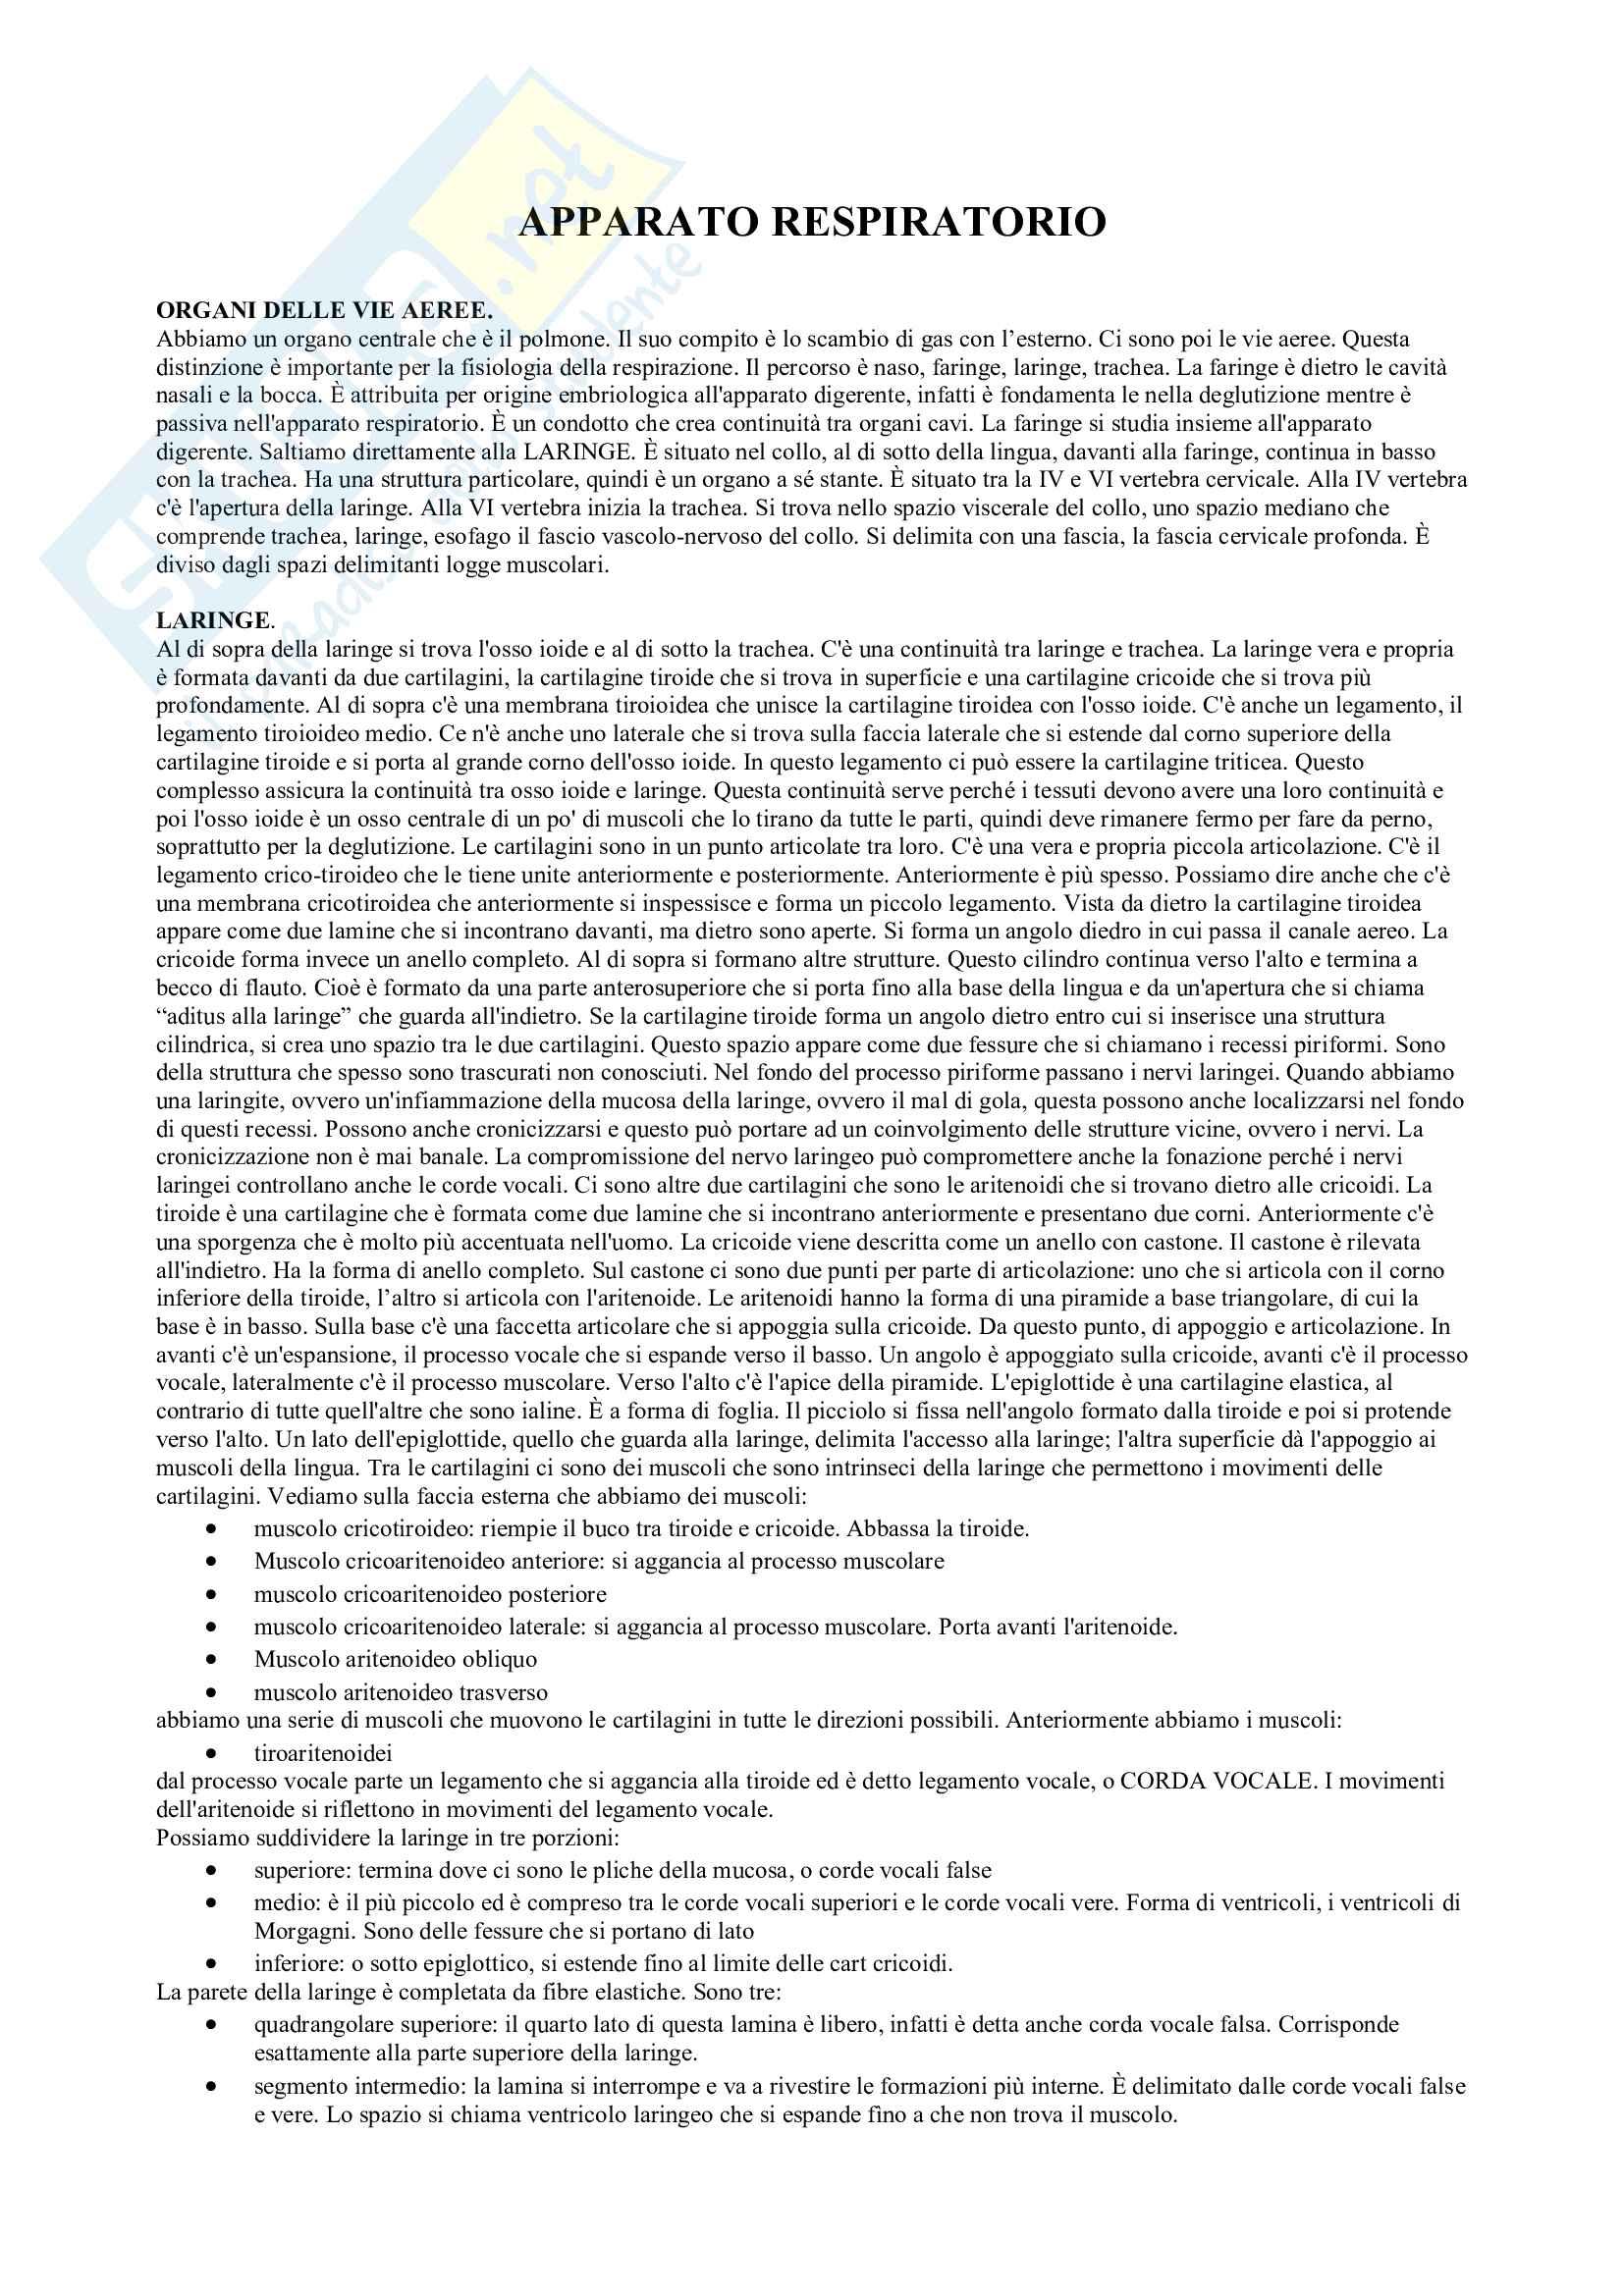 Apparato respiratorio, Appunti Pag. 1